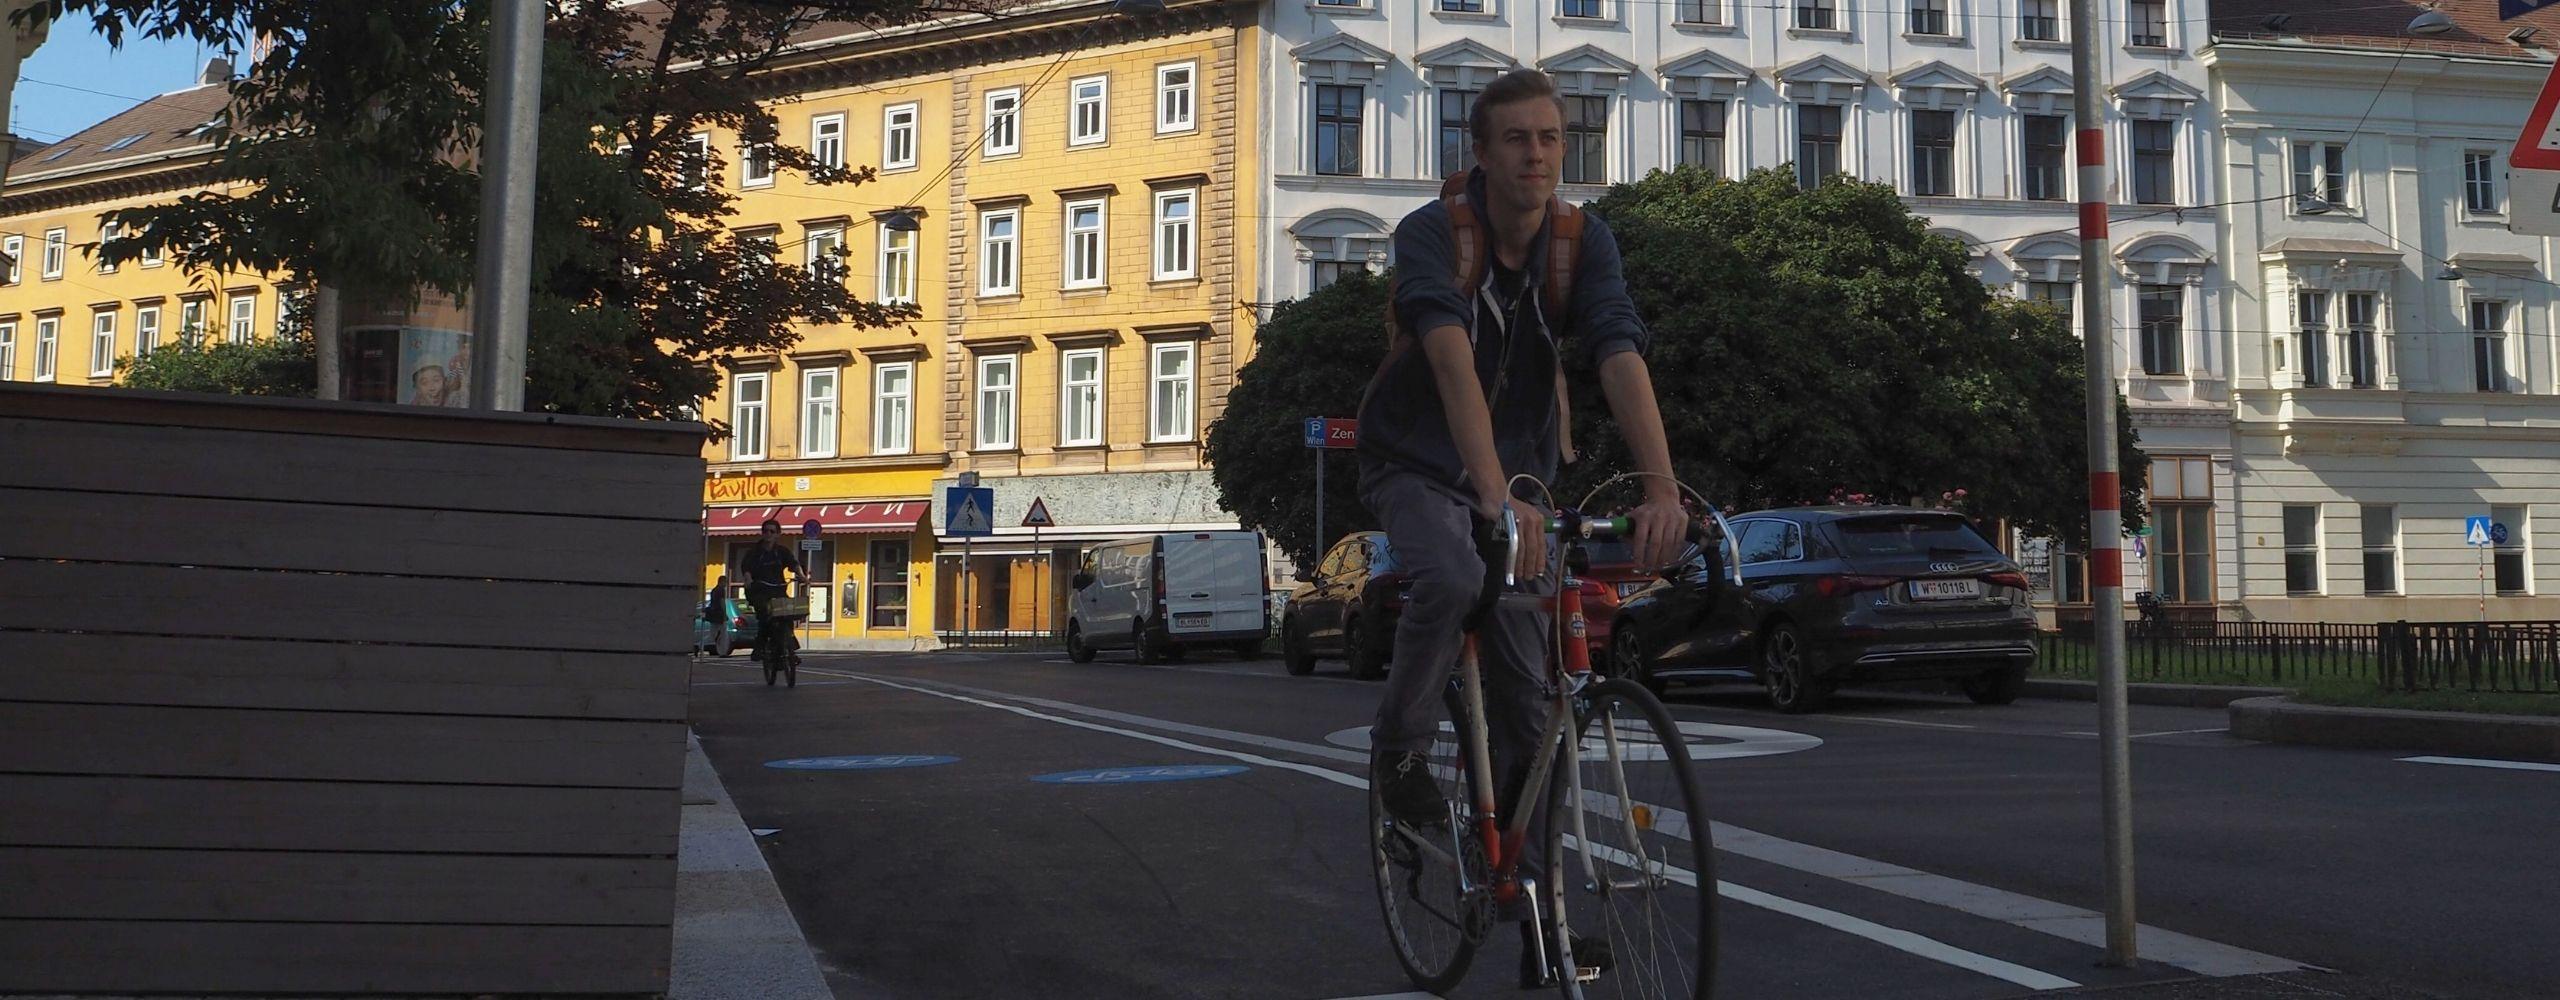 Radfahrer am neuen Radweg in der Favoritenstraße